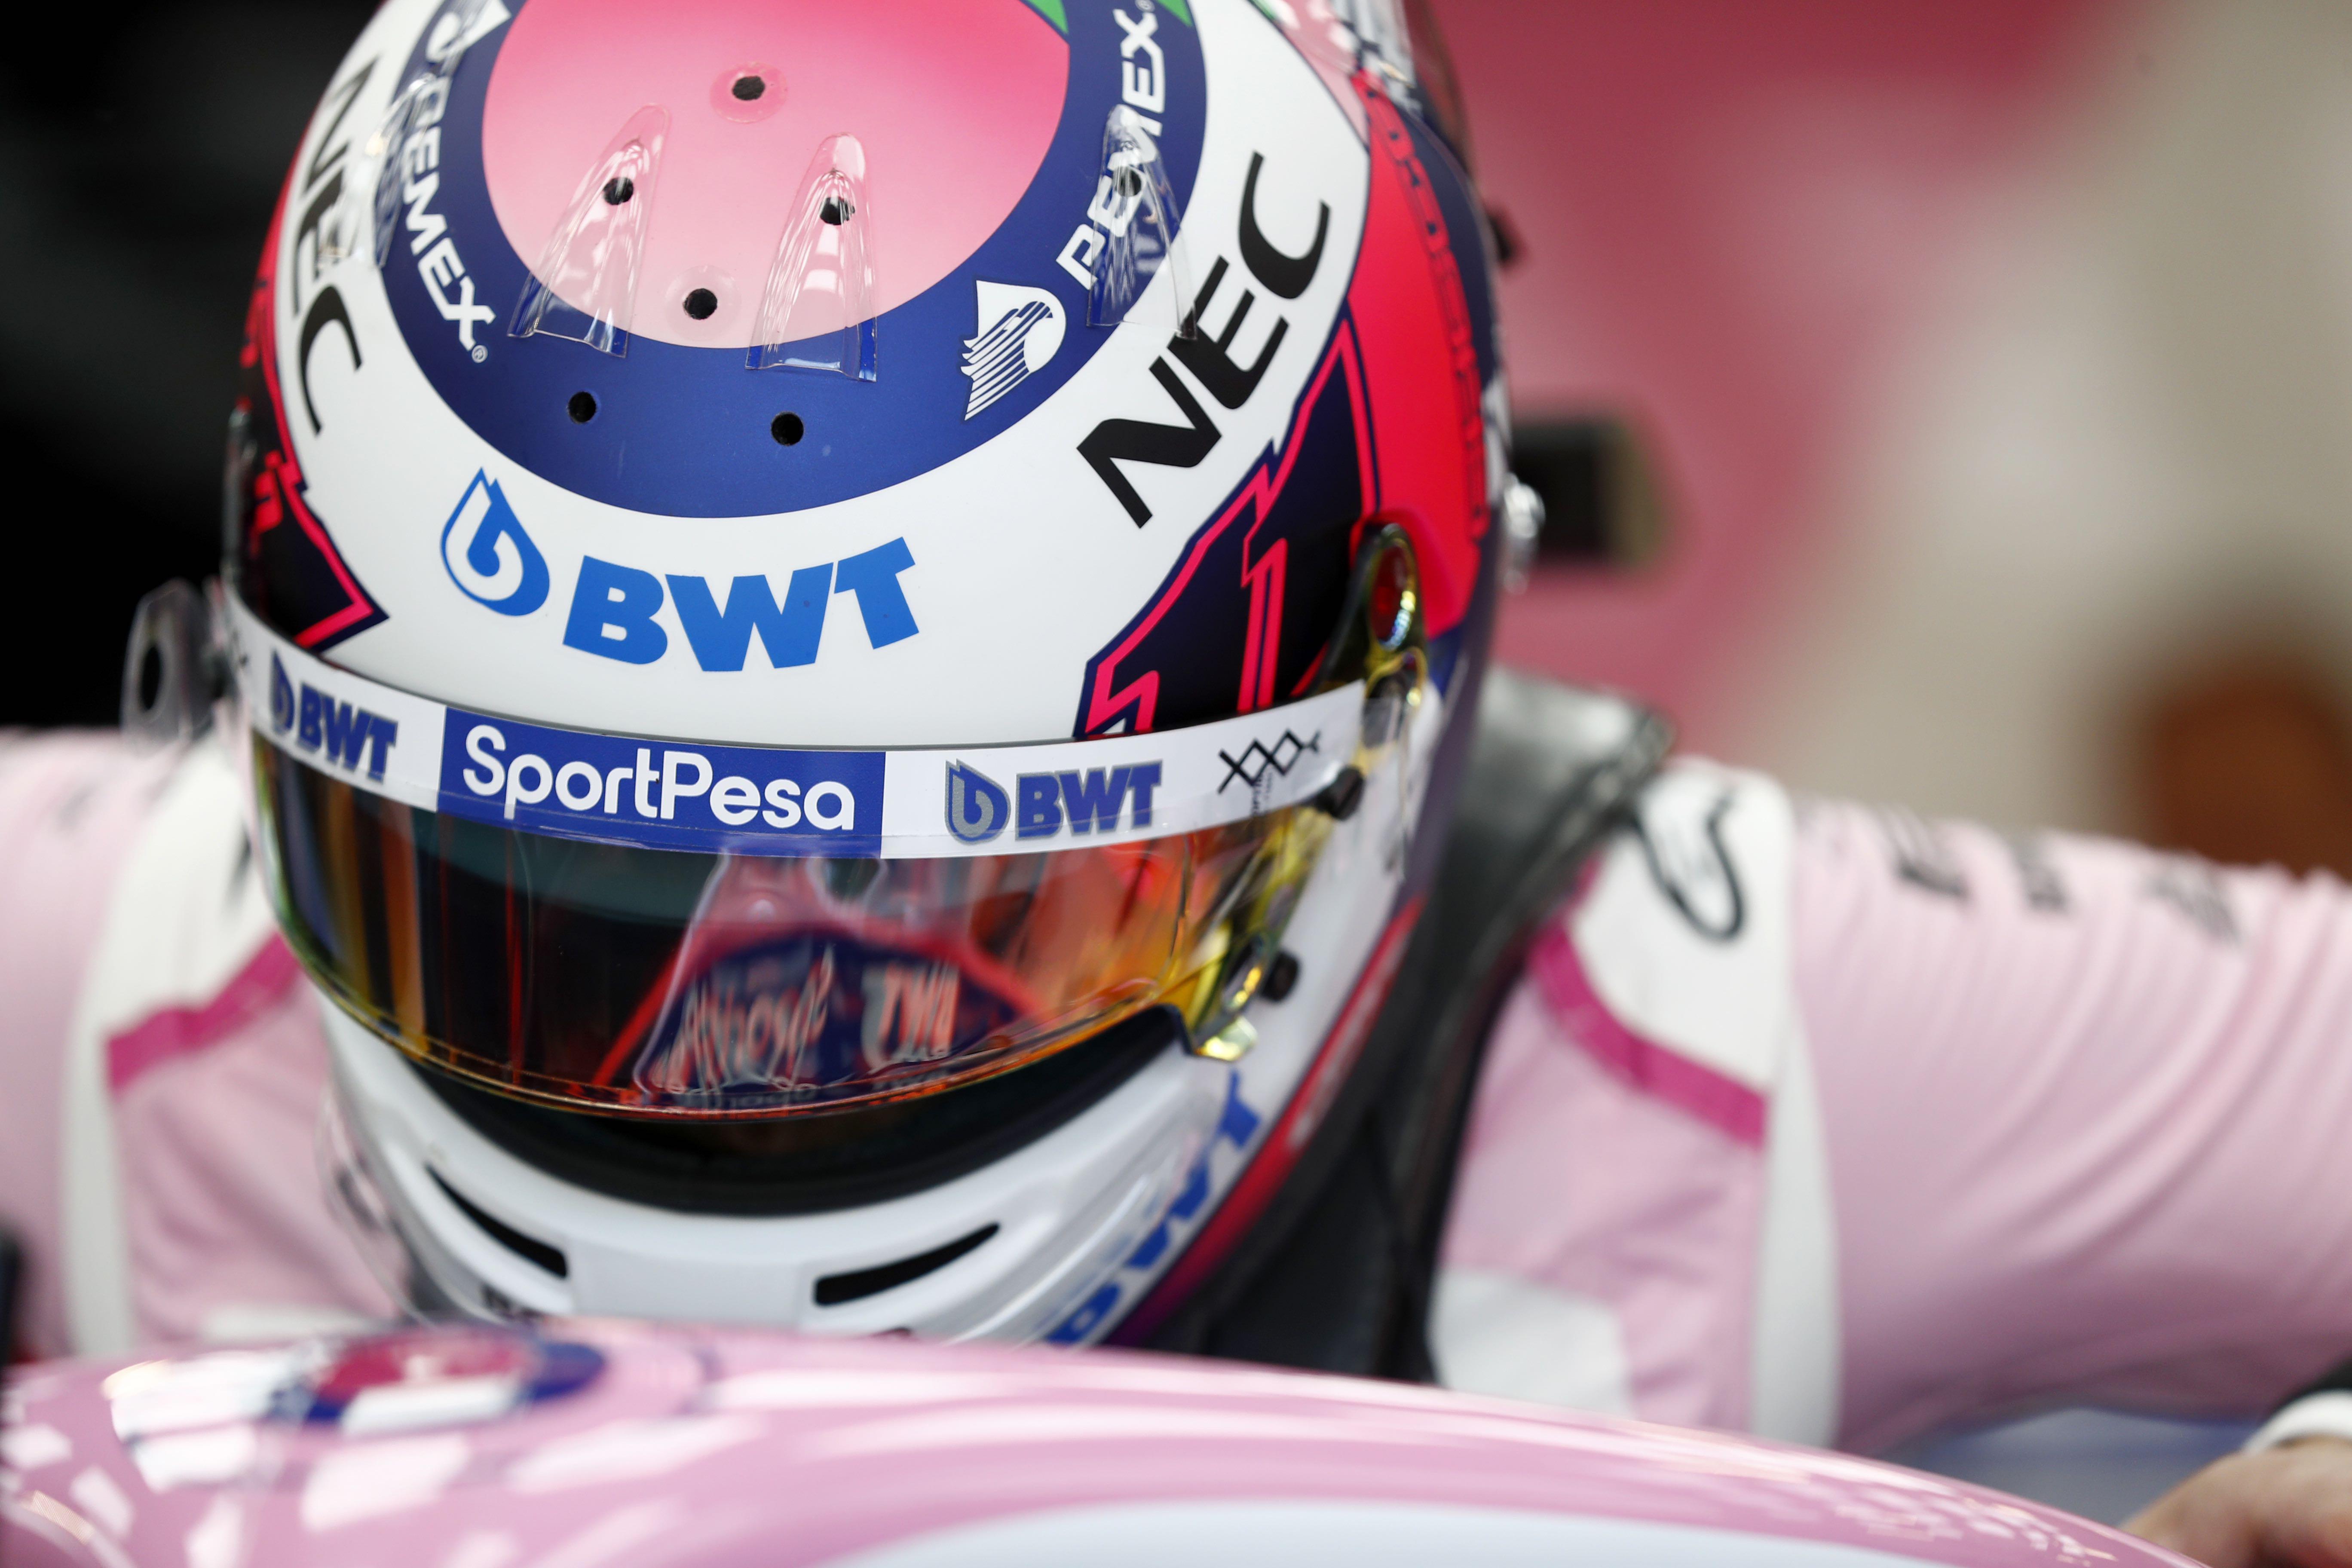 La FIA confirmó que el Checo Pérez dió positivo